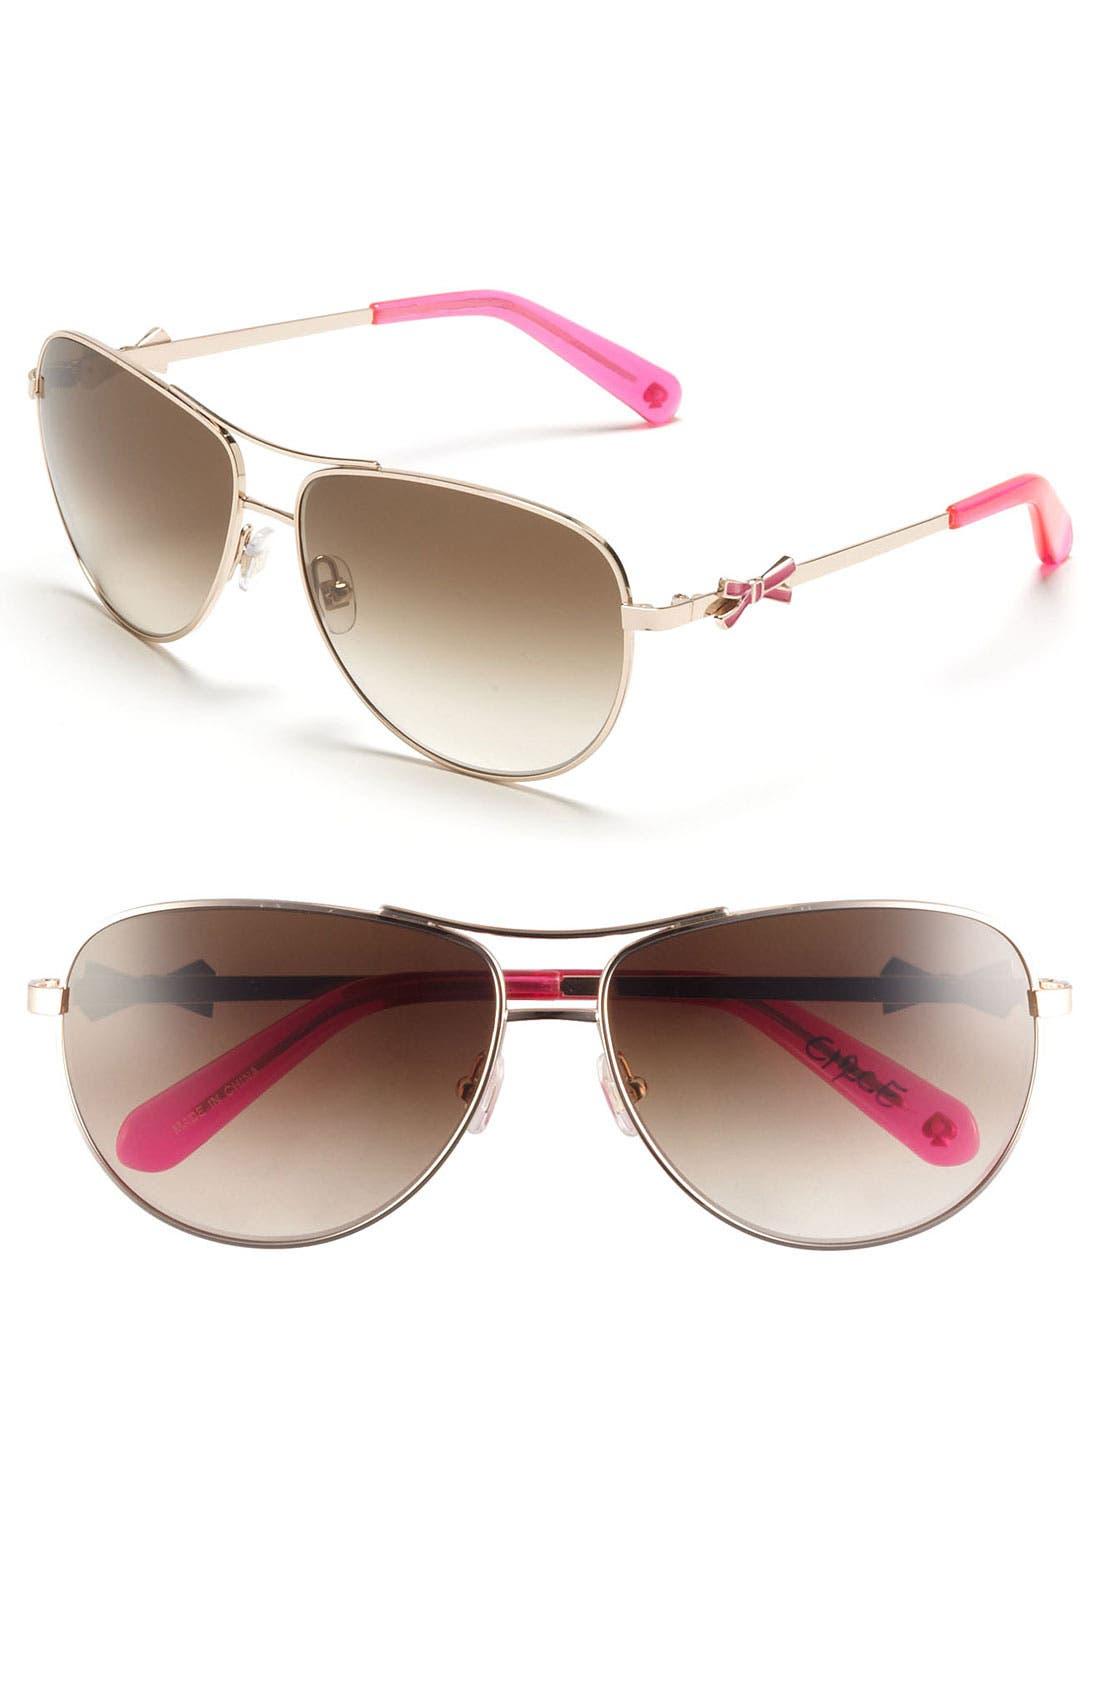 Alternate Image 1 Selected - kate spade new york 'circe' 59mm metal aviator sunglasses